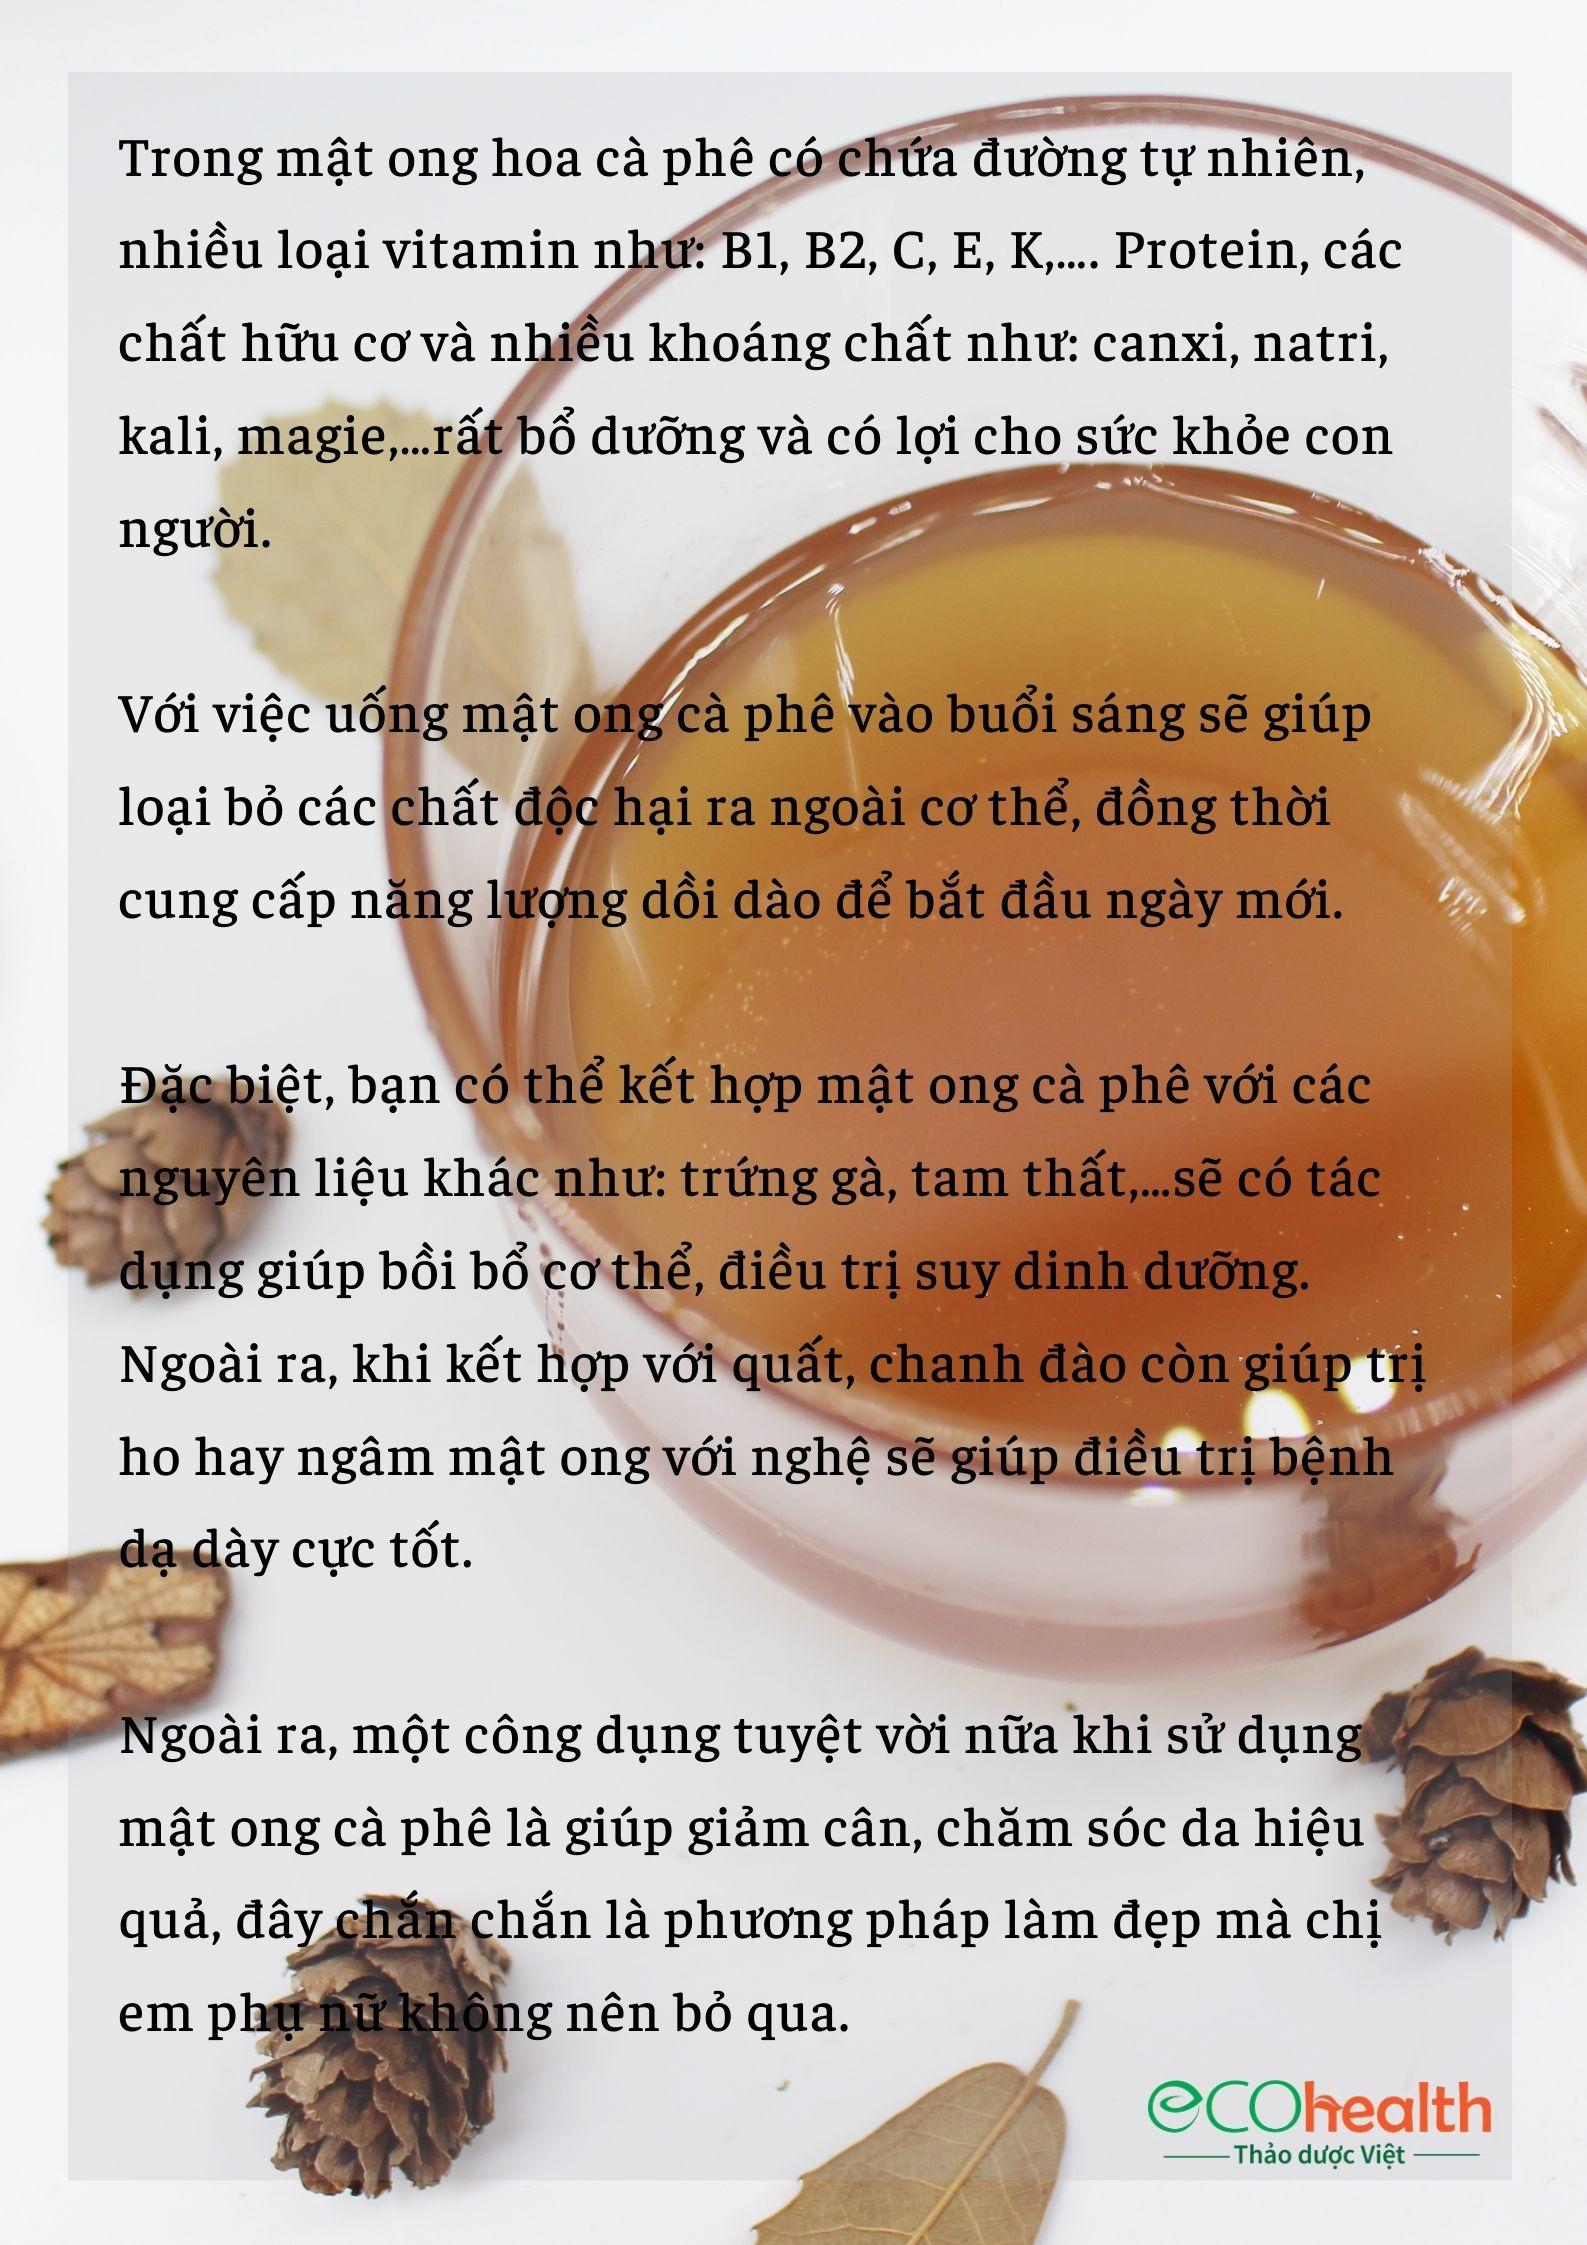 1 lít Mật ong hoa cà phê nguyên chất 10